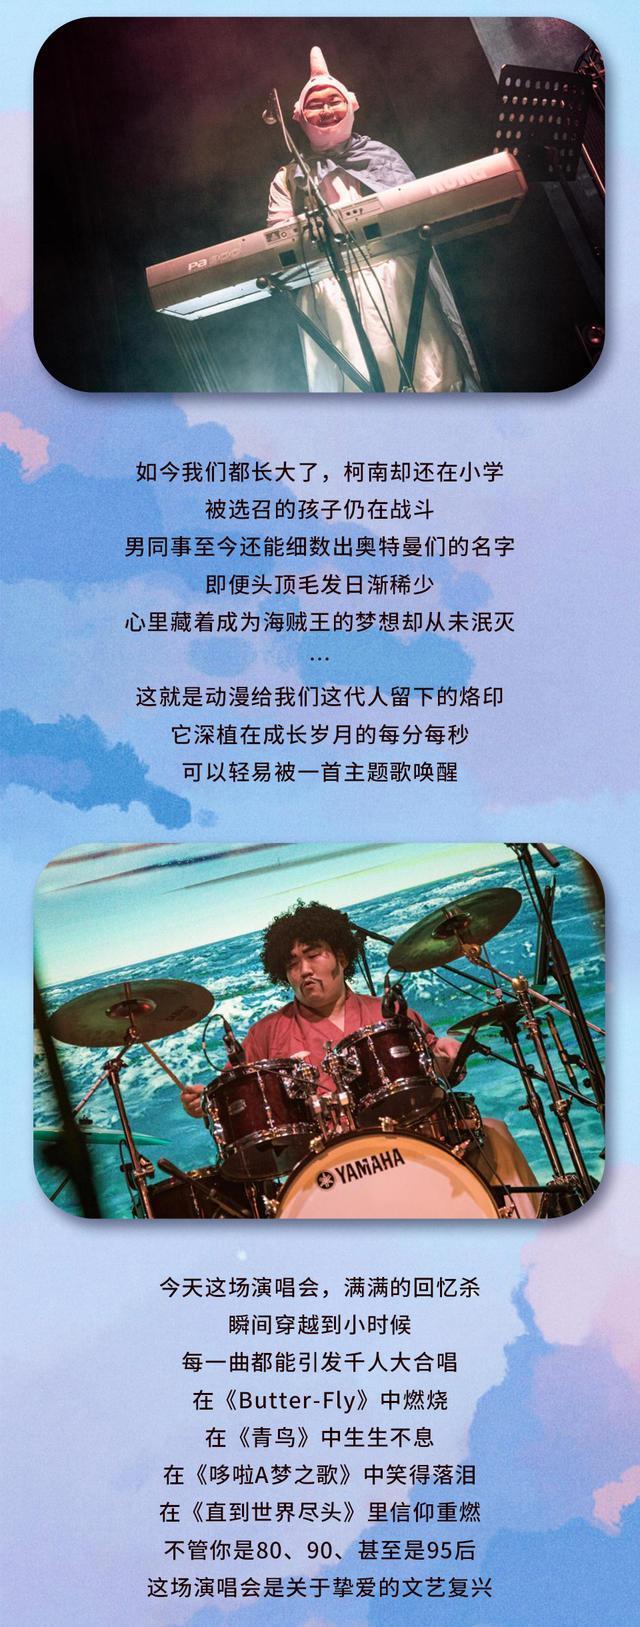 """【北京站】2021""""直到世界尽头""""经典动漫演唱会。——时光带不走热血与感动!LVH"""